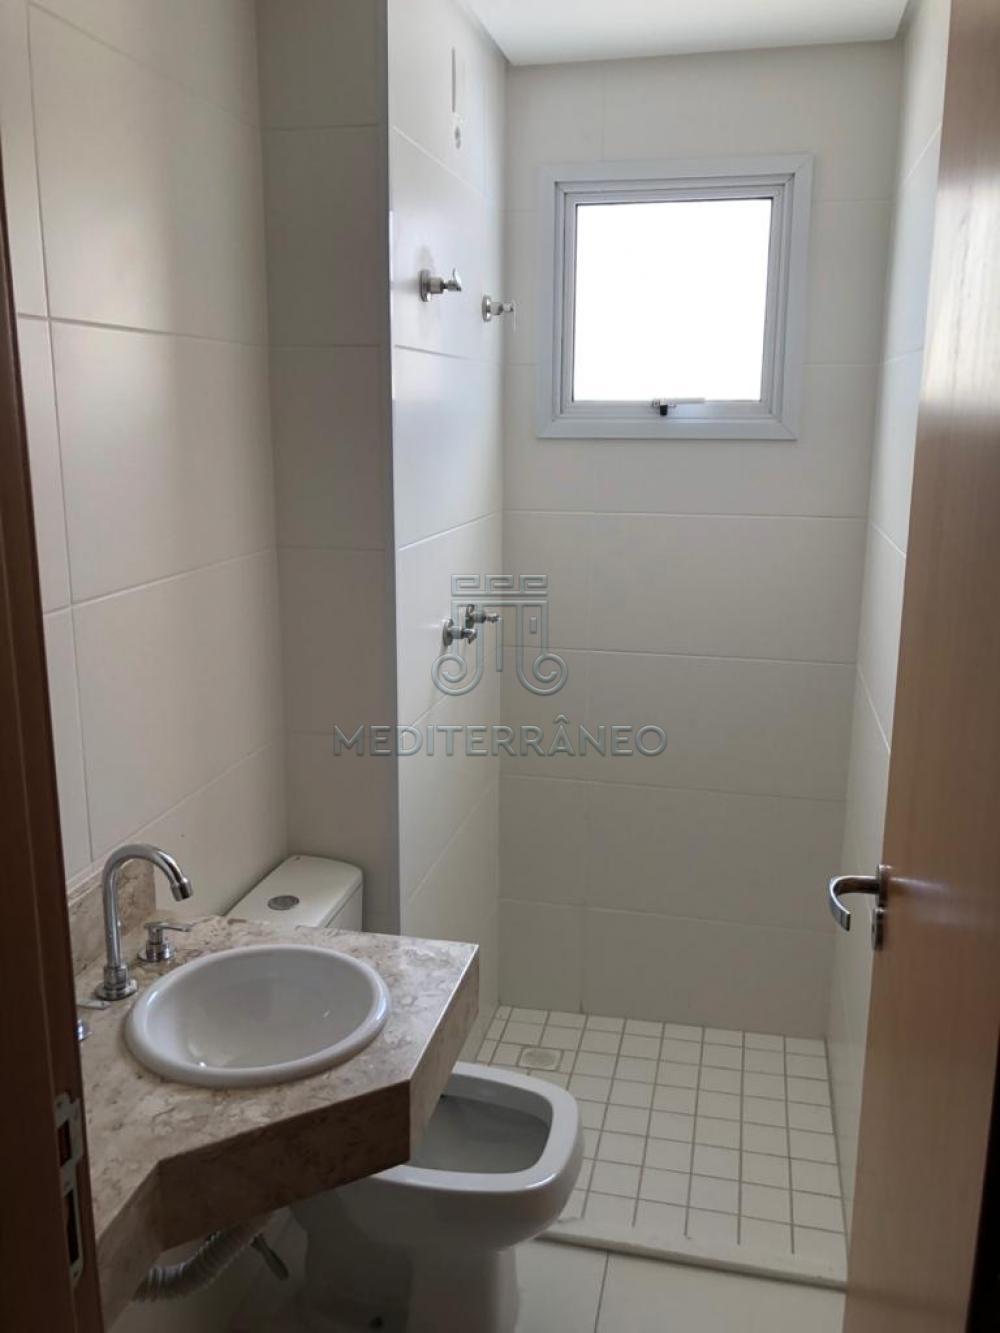 Comprar Apartamento / Padrão em Jundiaí apenas R$ 650.000,00 - Foto 4